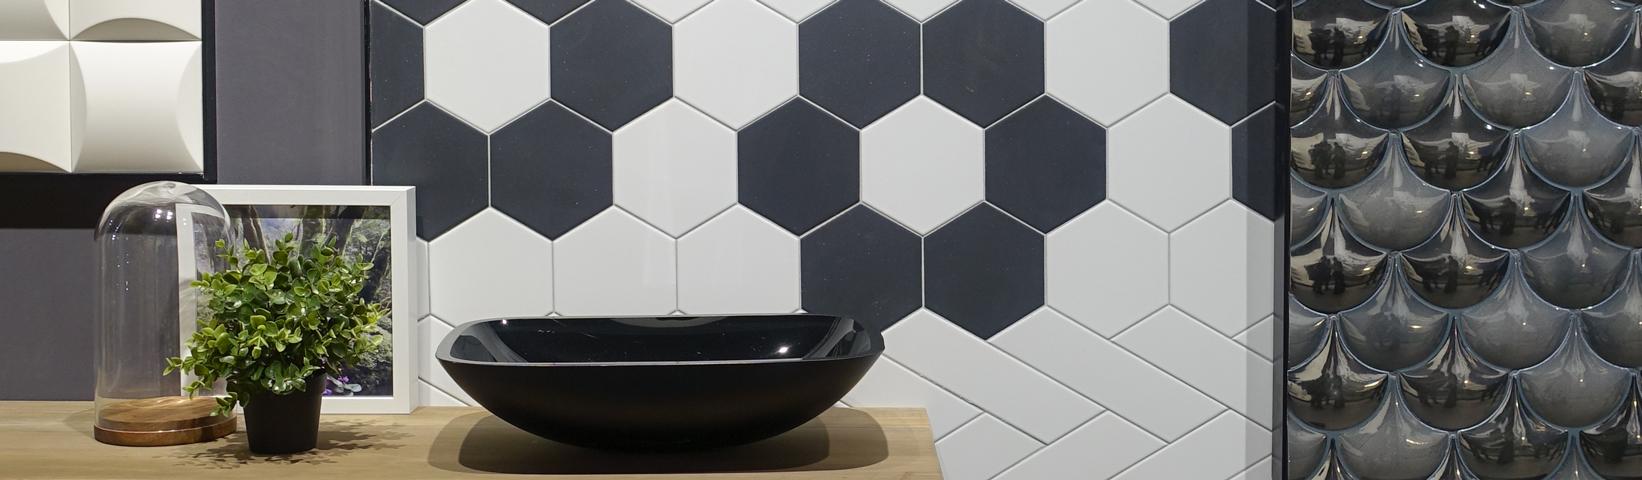 Badezimmer Fliesen kaufen bei Romero Fliesen und mehr